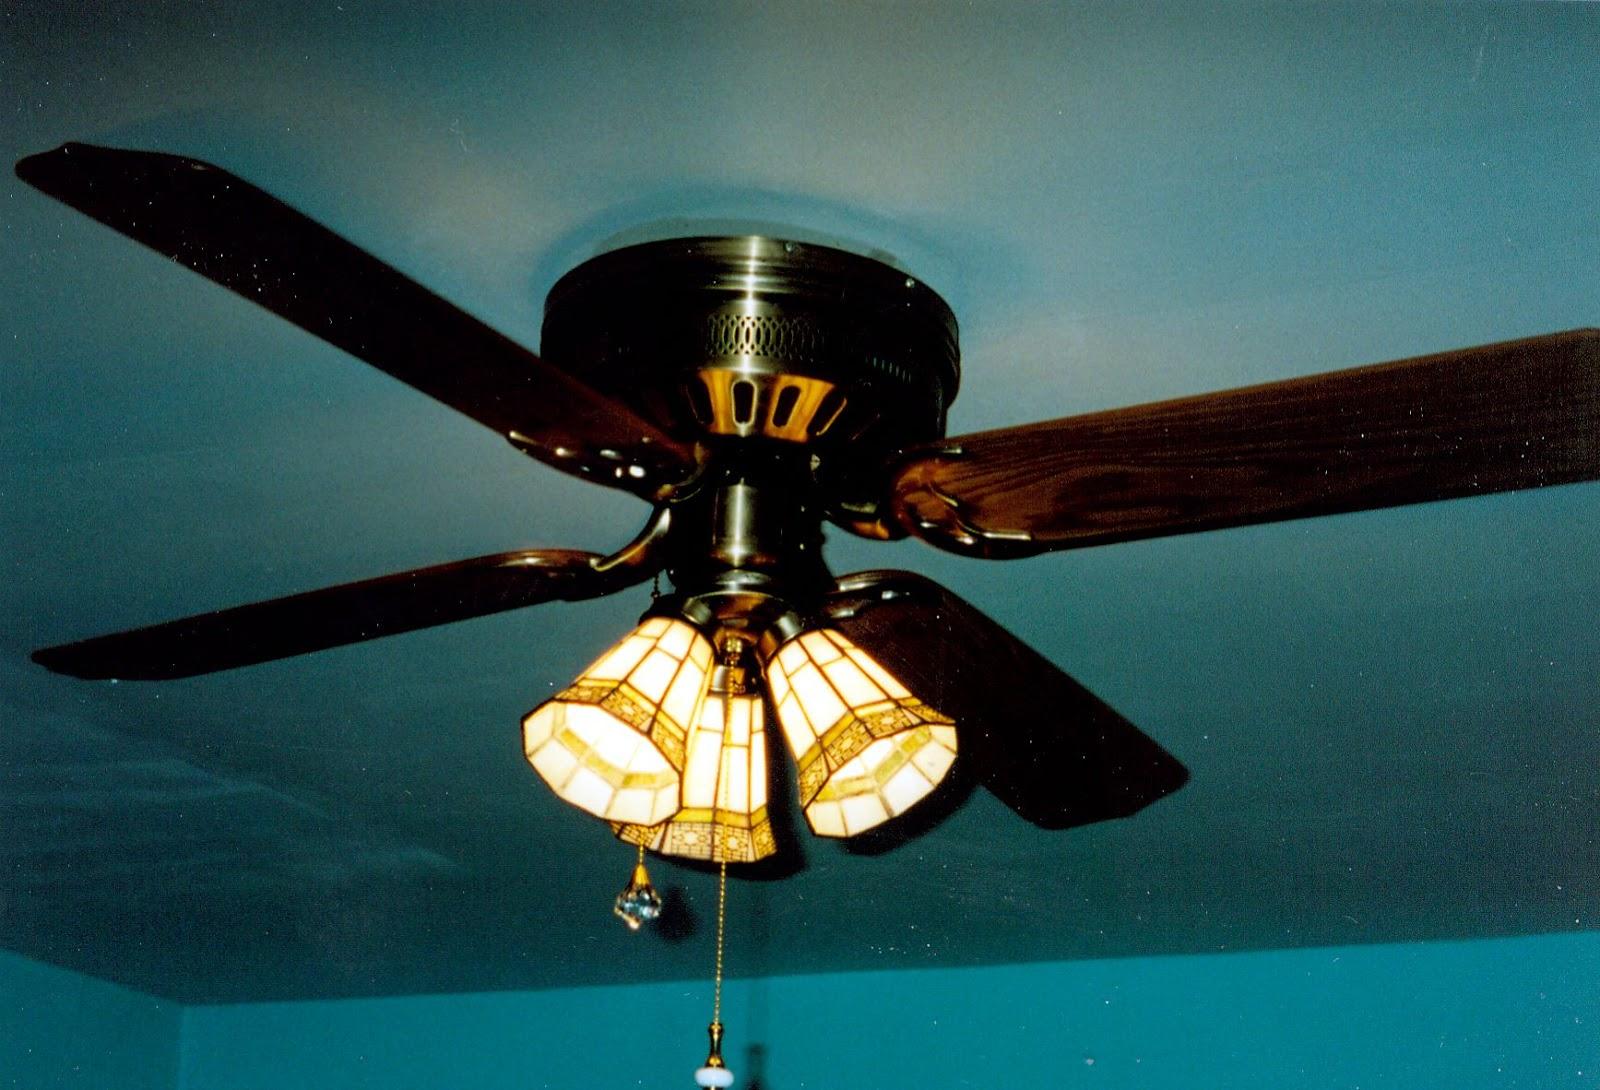 Broken Ceiling Fan : Pine lake the july